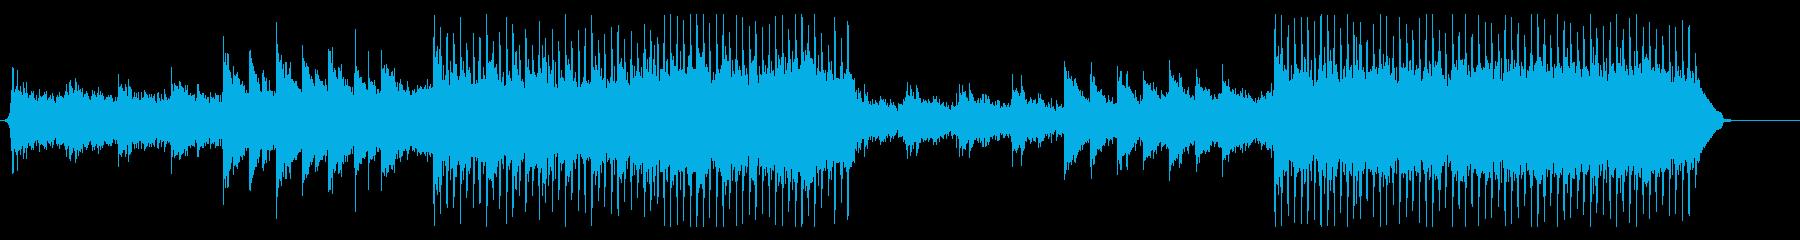 ギター、ドラム、ベース、アコースティックの再生済みの波形